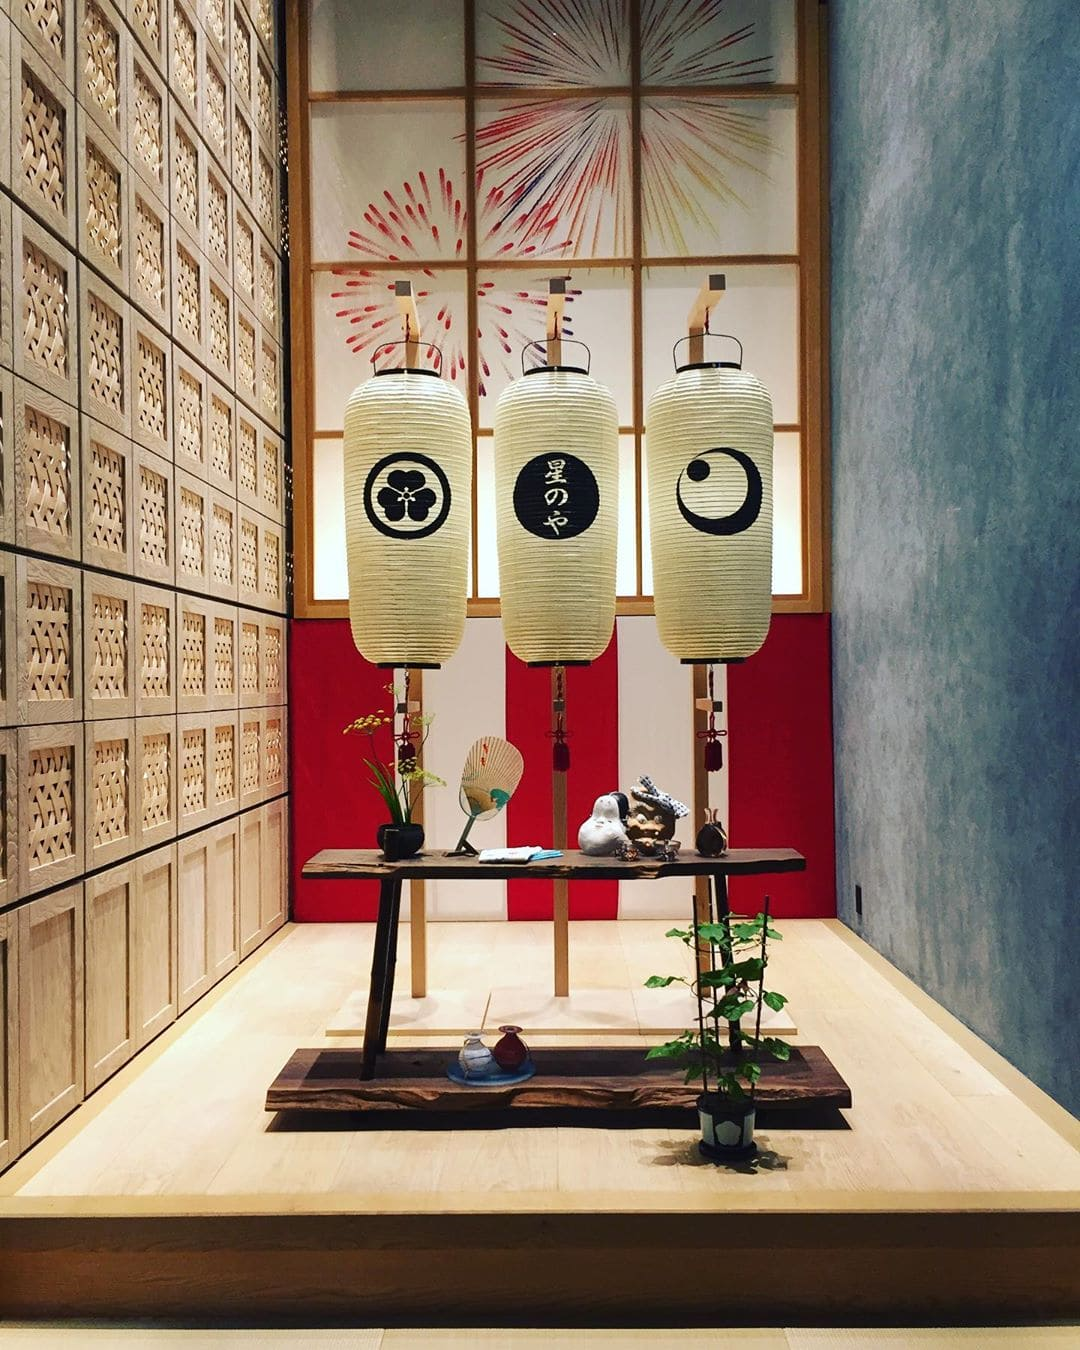 #japan ist einfach ein spannendes Land – die einzigartige Kultur schafft völlig neue Blickwinkel. @marie.worldwild war auf Reise in dem asiatischen Inselstaat. Von ihrem Besuch im @hoshinoya.official in #tokyo ist sie ganz begeistert – hier stimmt einfach alles! Und ganz nebenbei taucht man tief in die Seele der japanischen Traditionen ein. #hoteltipp #traveldeeper #tradition #etiquette #teezeremonie #interior #hotel #luxus #lieblingshotel #details #comewithme #passionpassport #asia